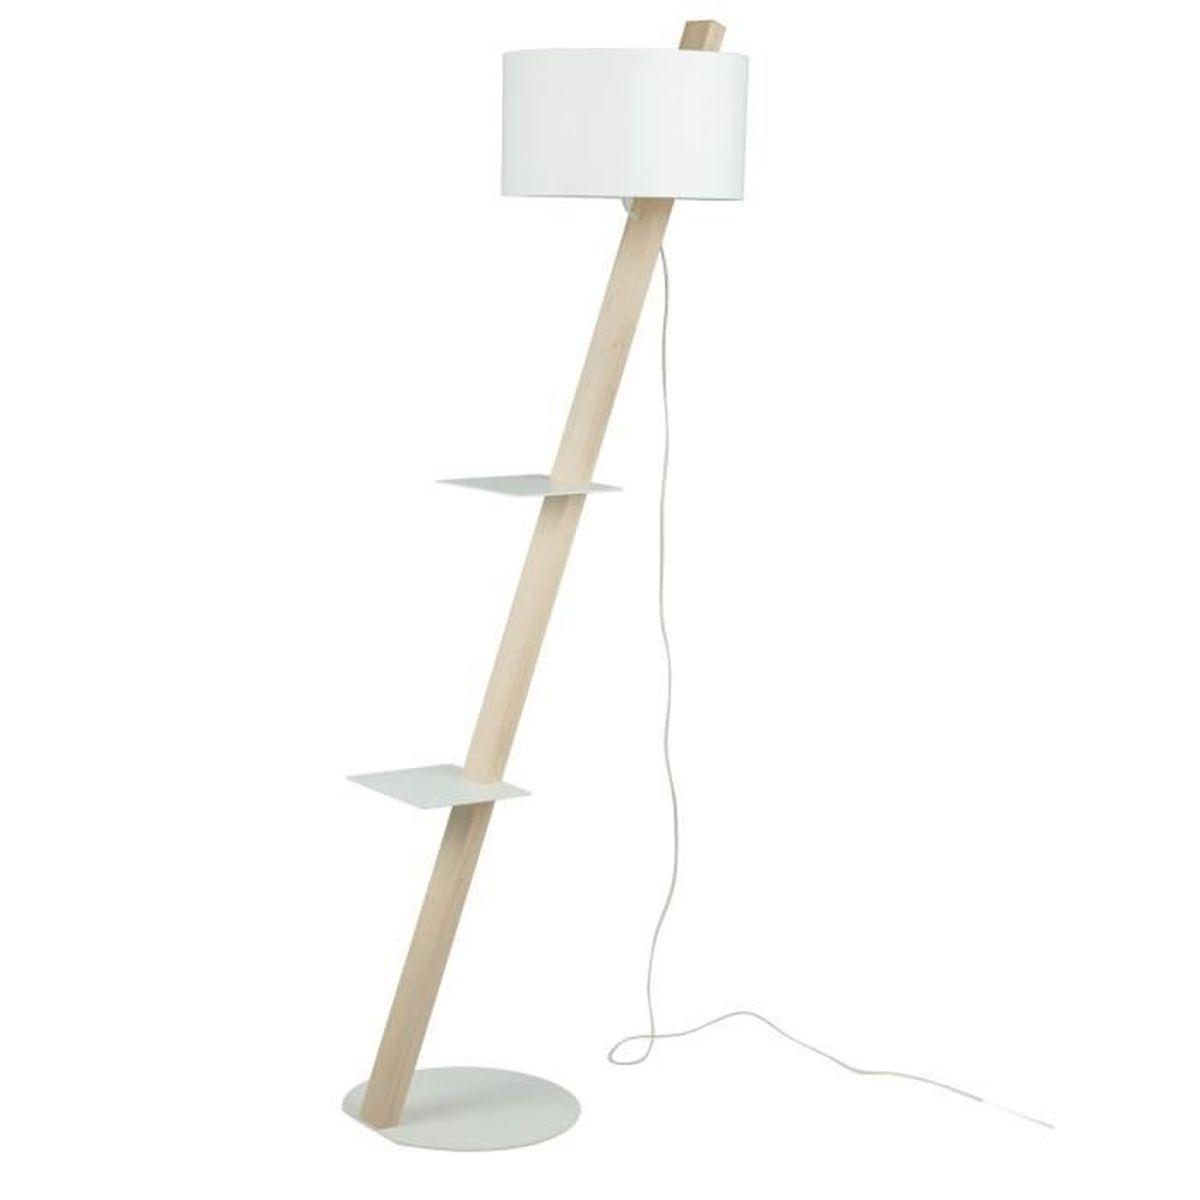 thecle lampadaire en bois h168cm avec tablettes blanches achat vente thecle lampadaire en. Black Bedroom Furniture Sets. Home Design Ideas